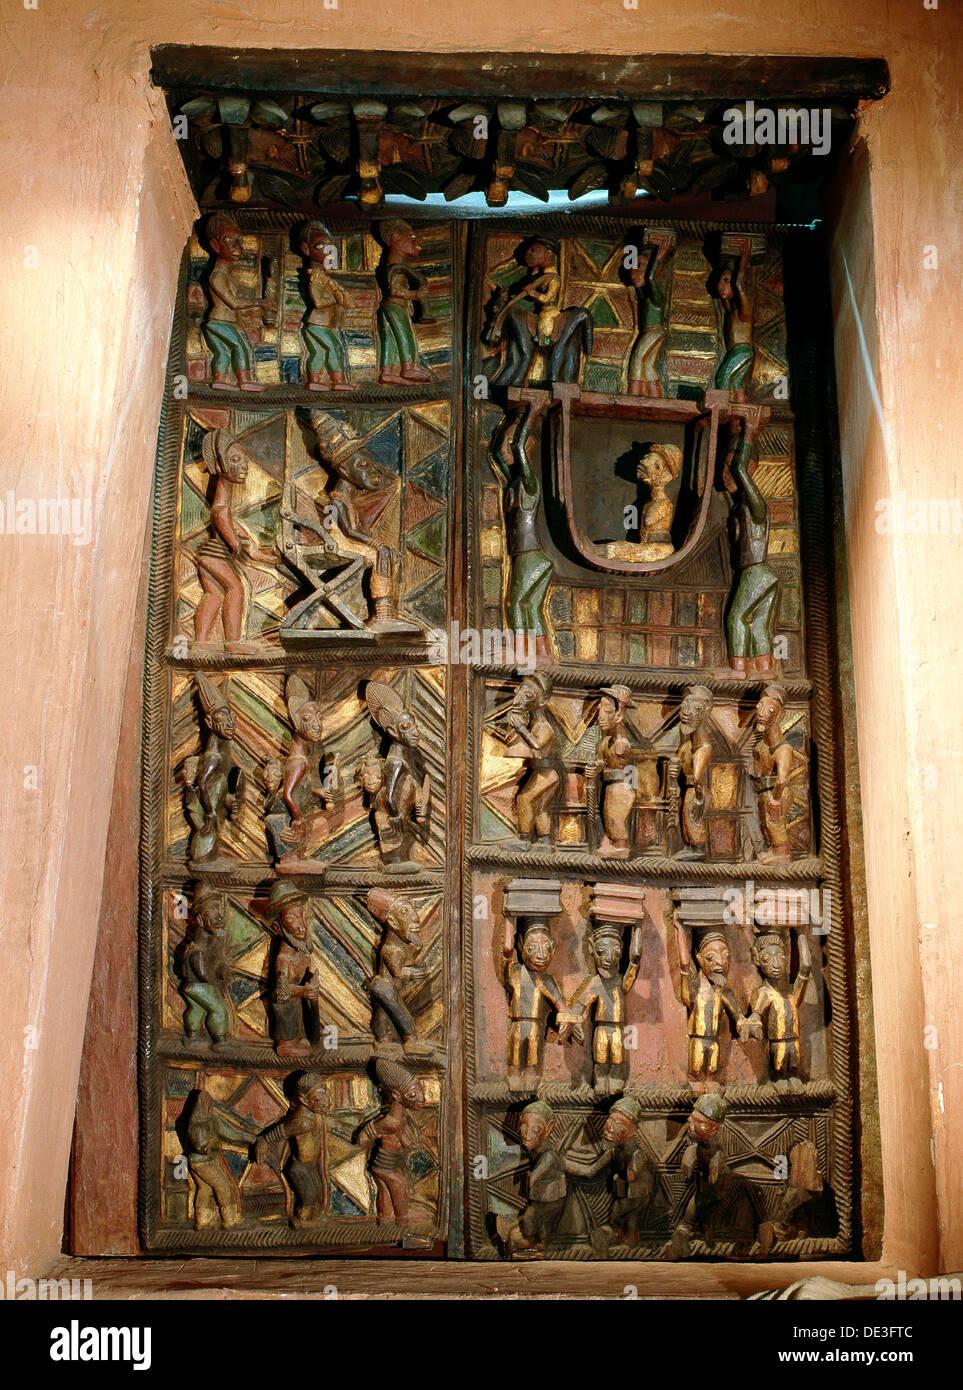 Les portes du palais à Ikere-Ekiti un royaume Yoruba est sculpté par le célèbre sculpteur et novatrices de Olowe ise. Banque D'Images